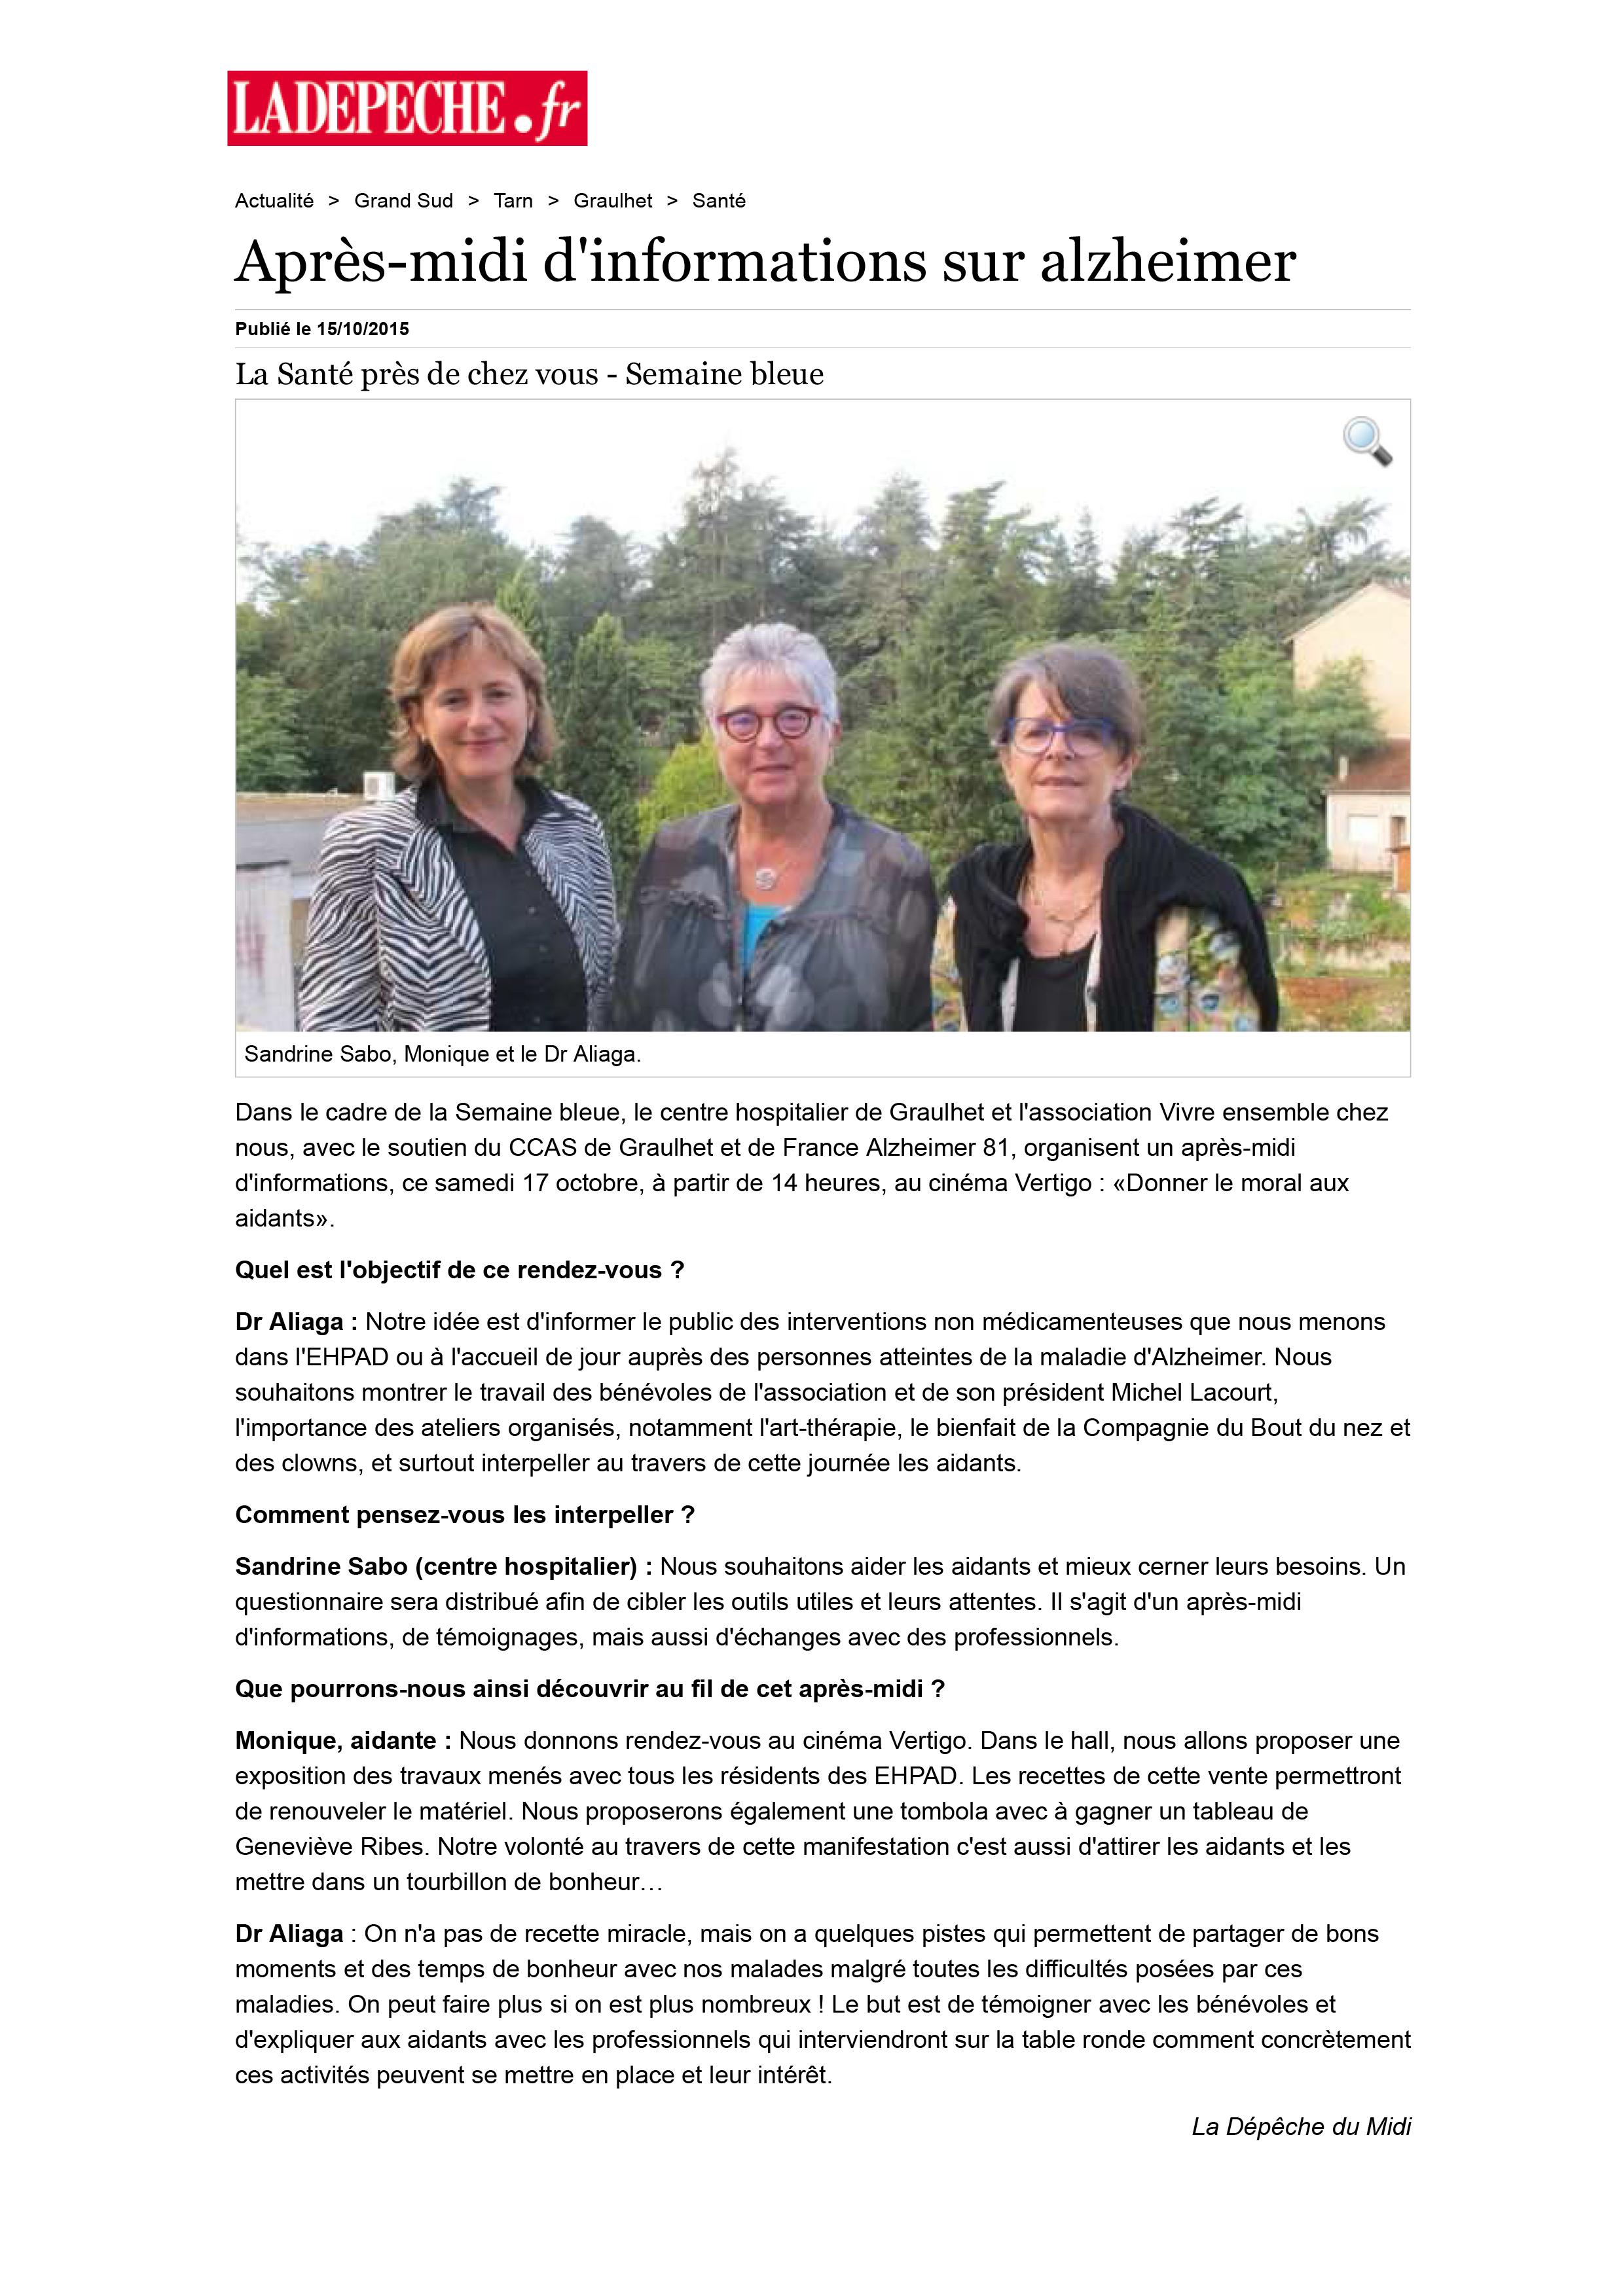 Après-midi d'informations sur alzheimer - 15/10/2015 - ladepech